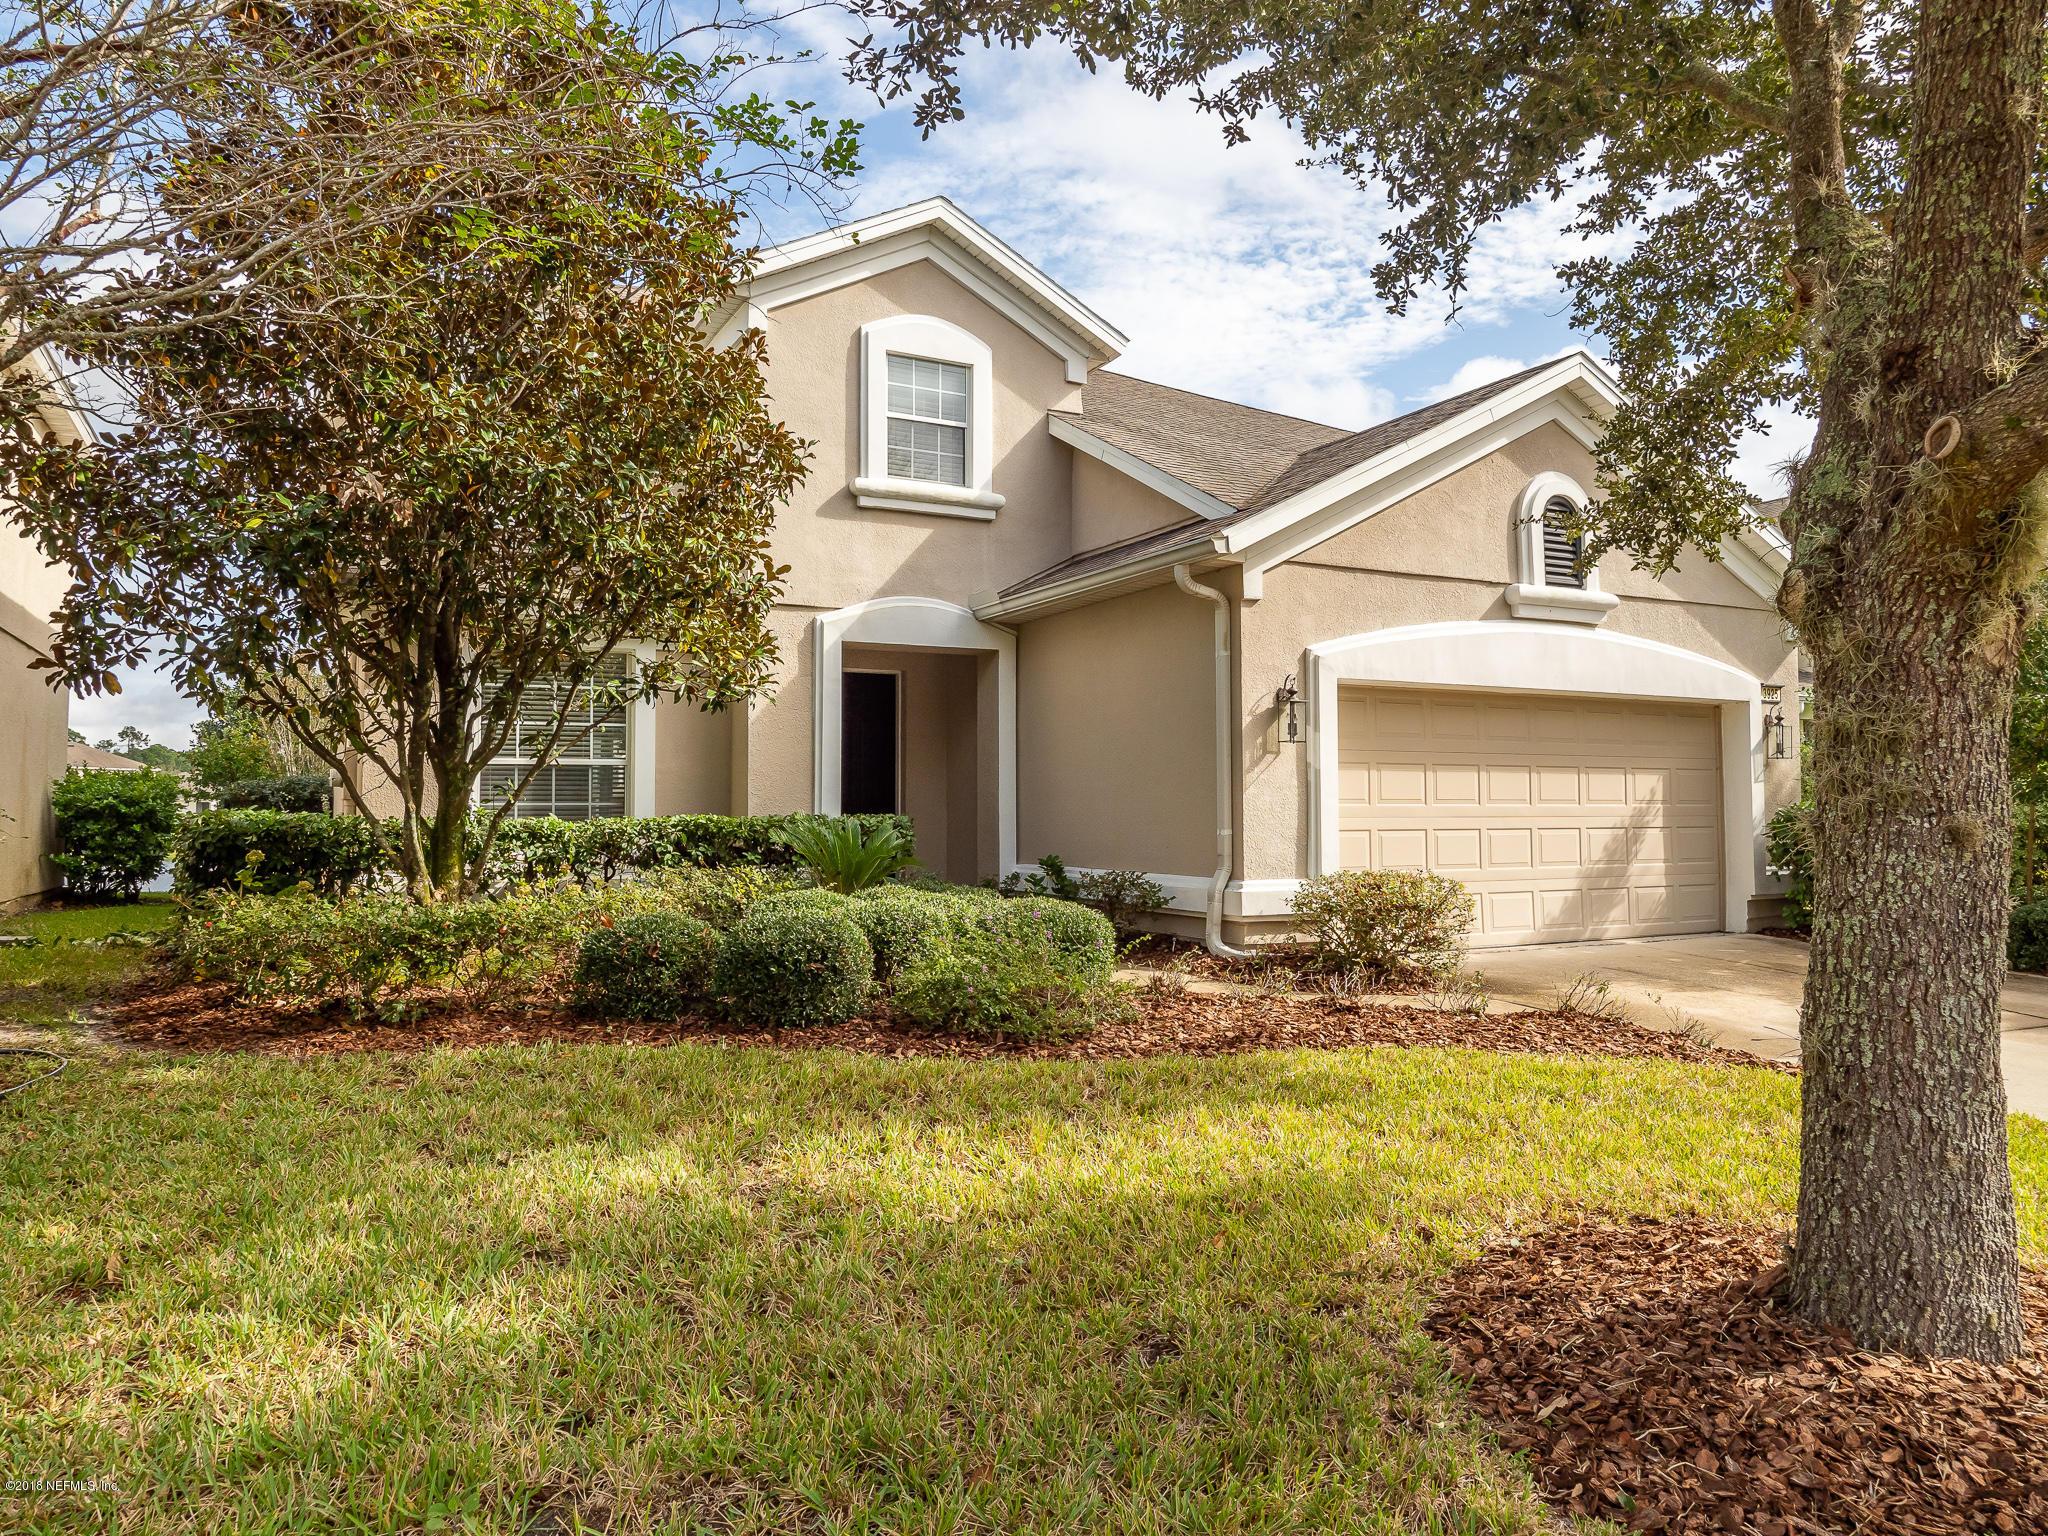 3925 Highgate Ct Jacksonville, FL 32216